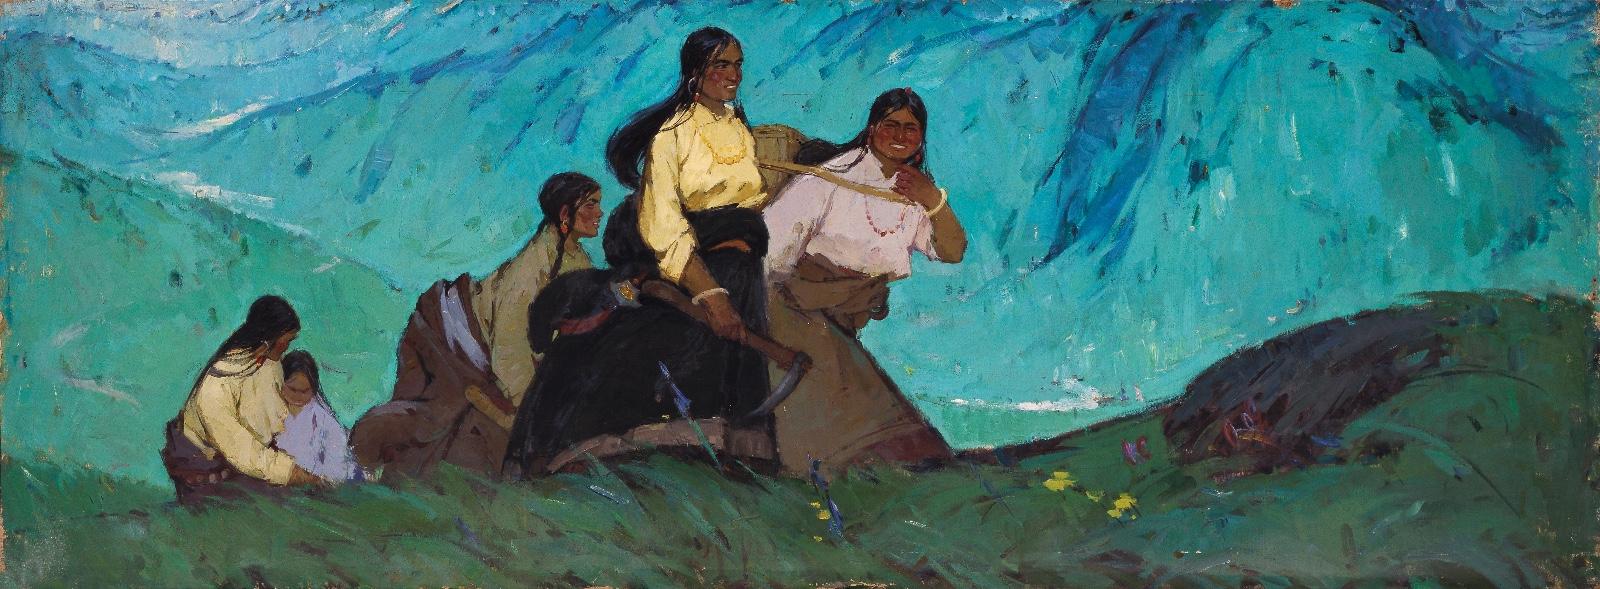 高原青春100cmX270cm 1963 亚麻布油画 马常利 中央美术学院美术馆藏.jpg